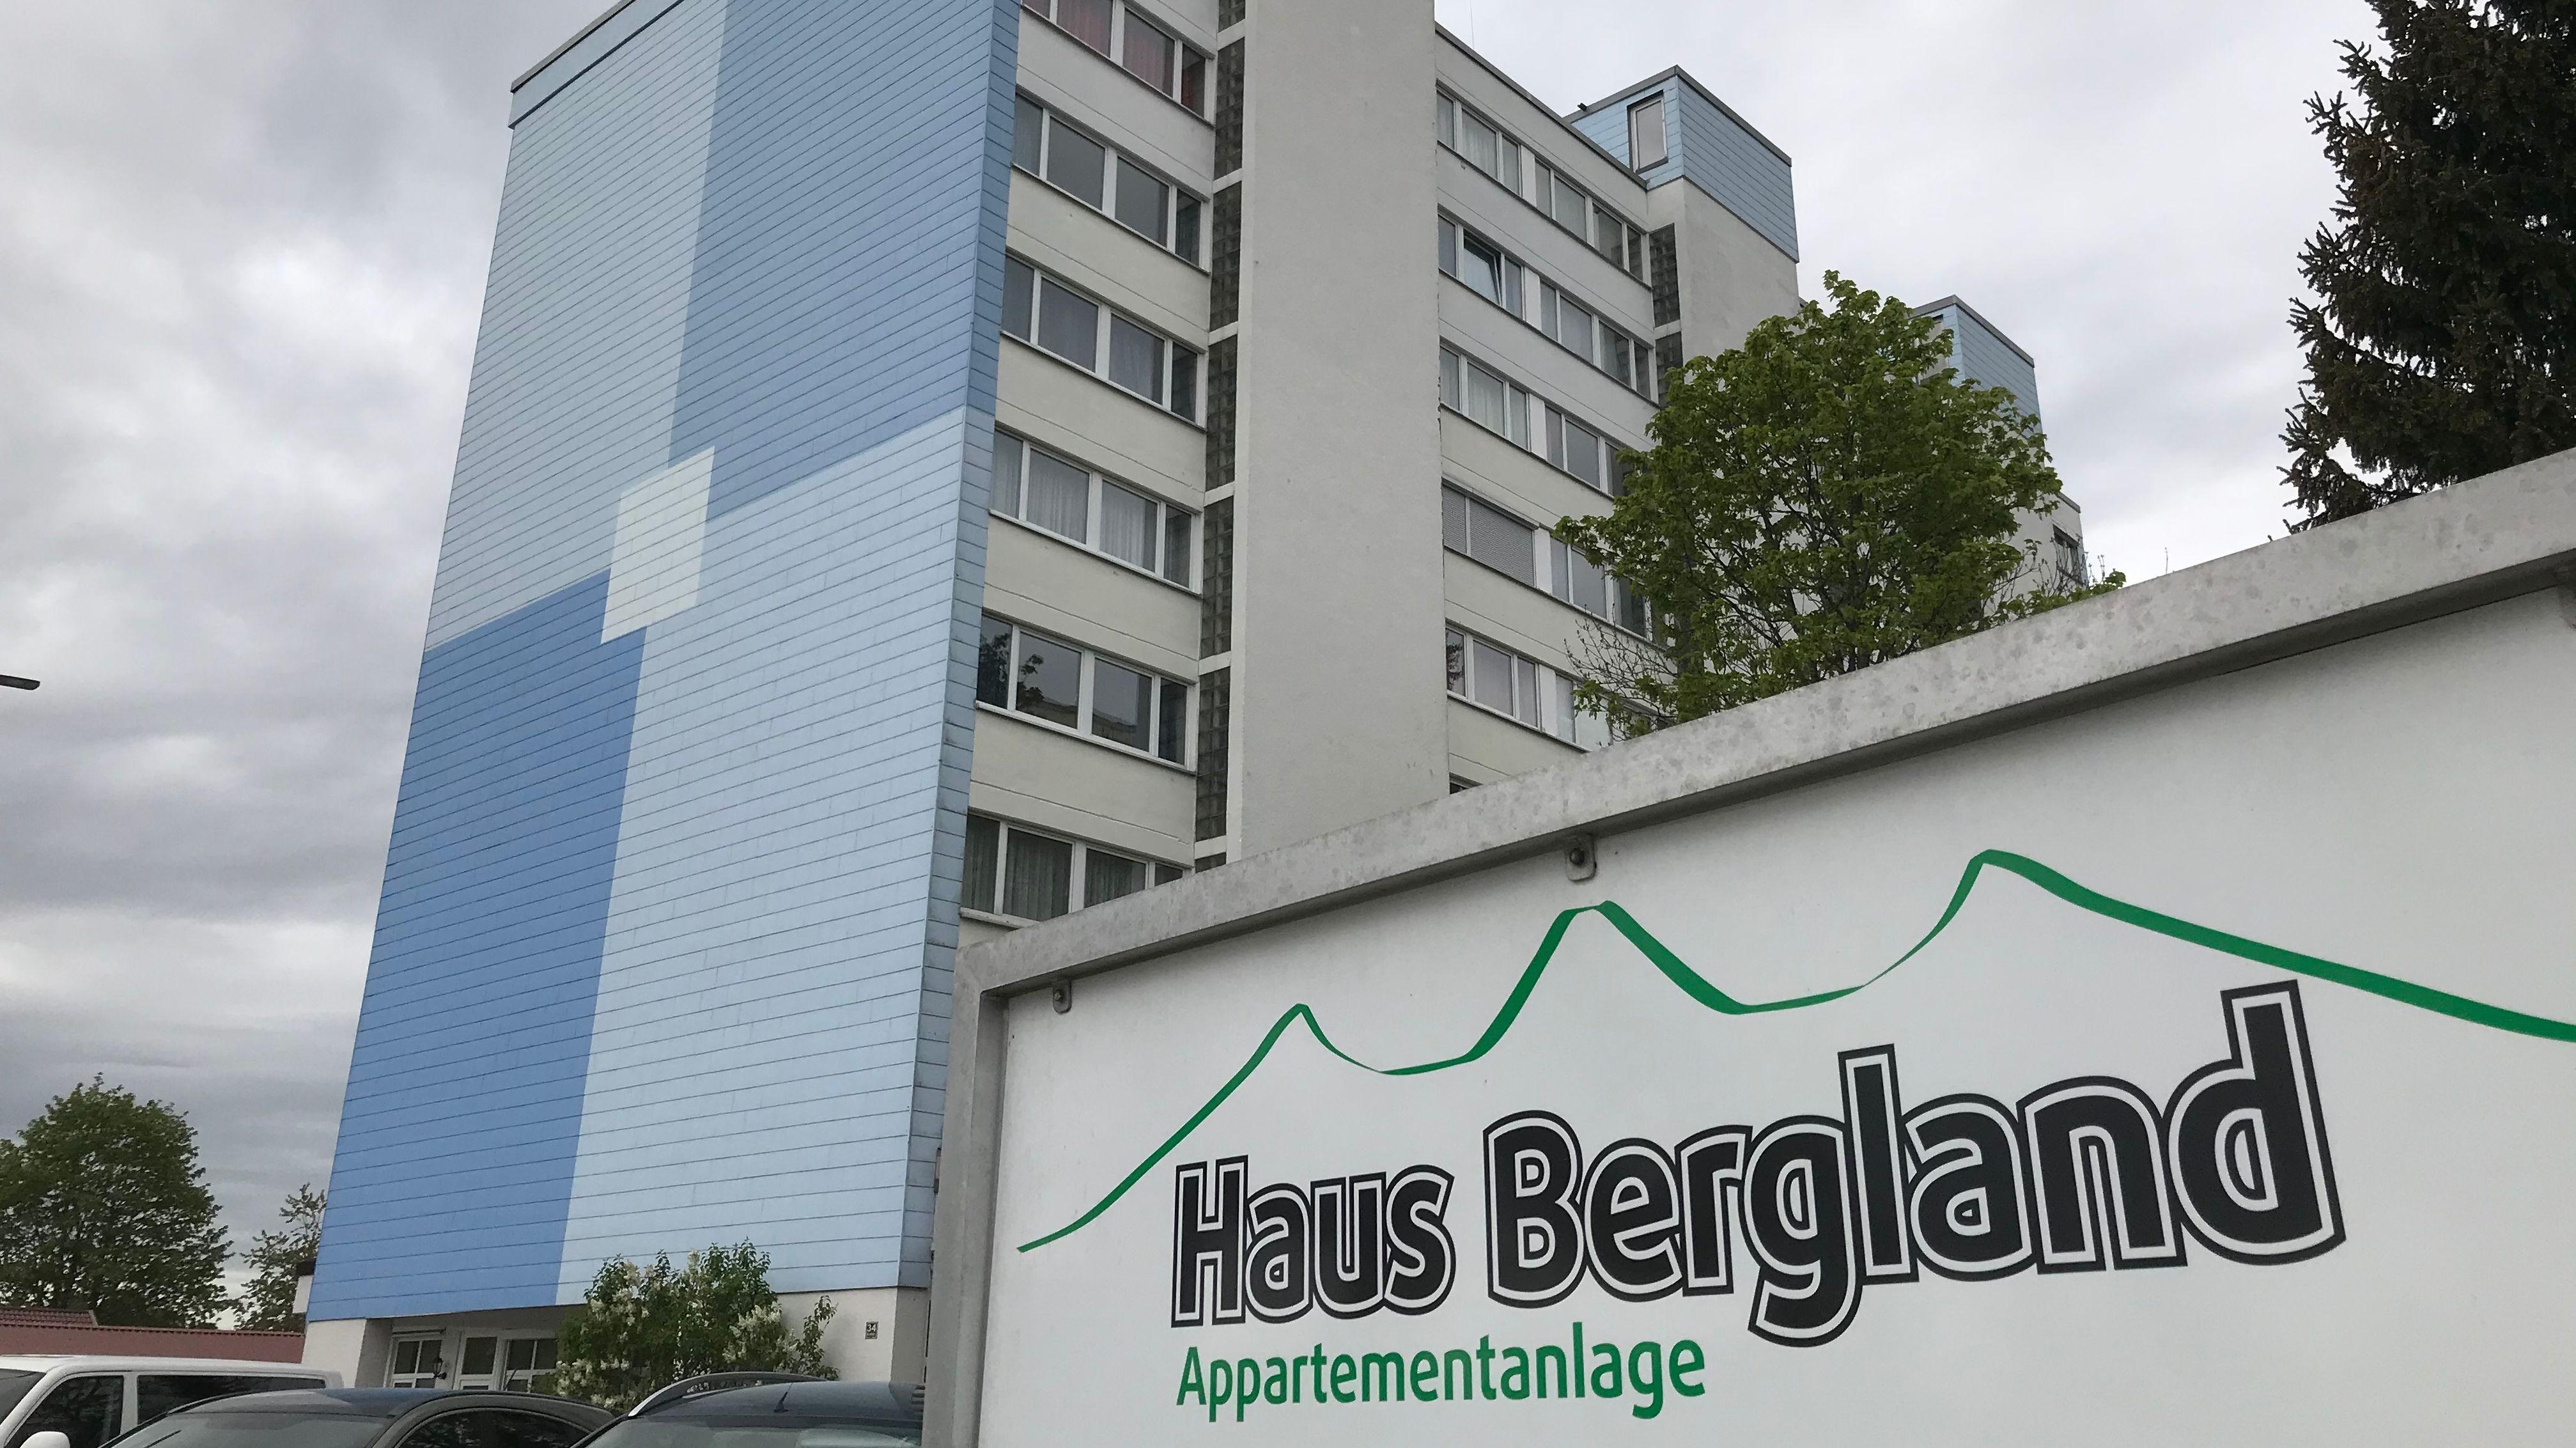 Haus Bergland Appartementanlage